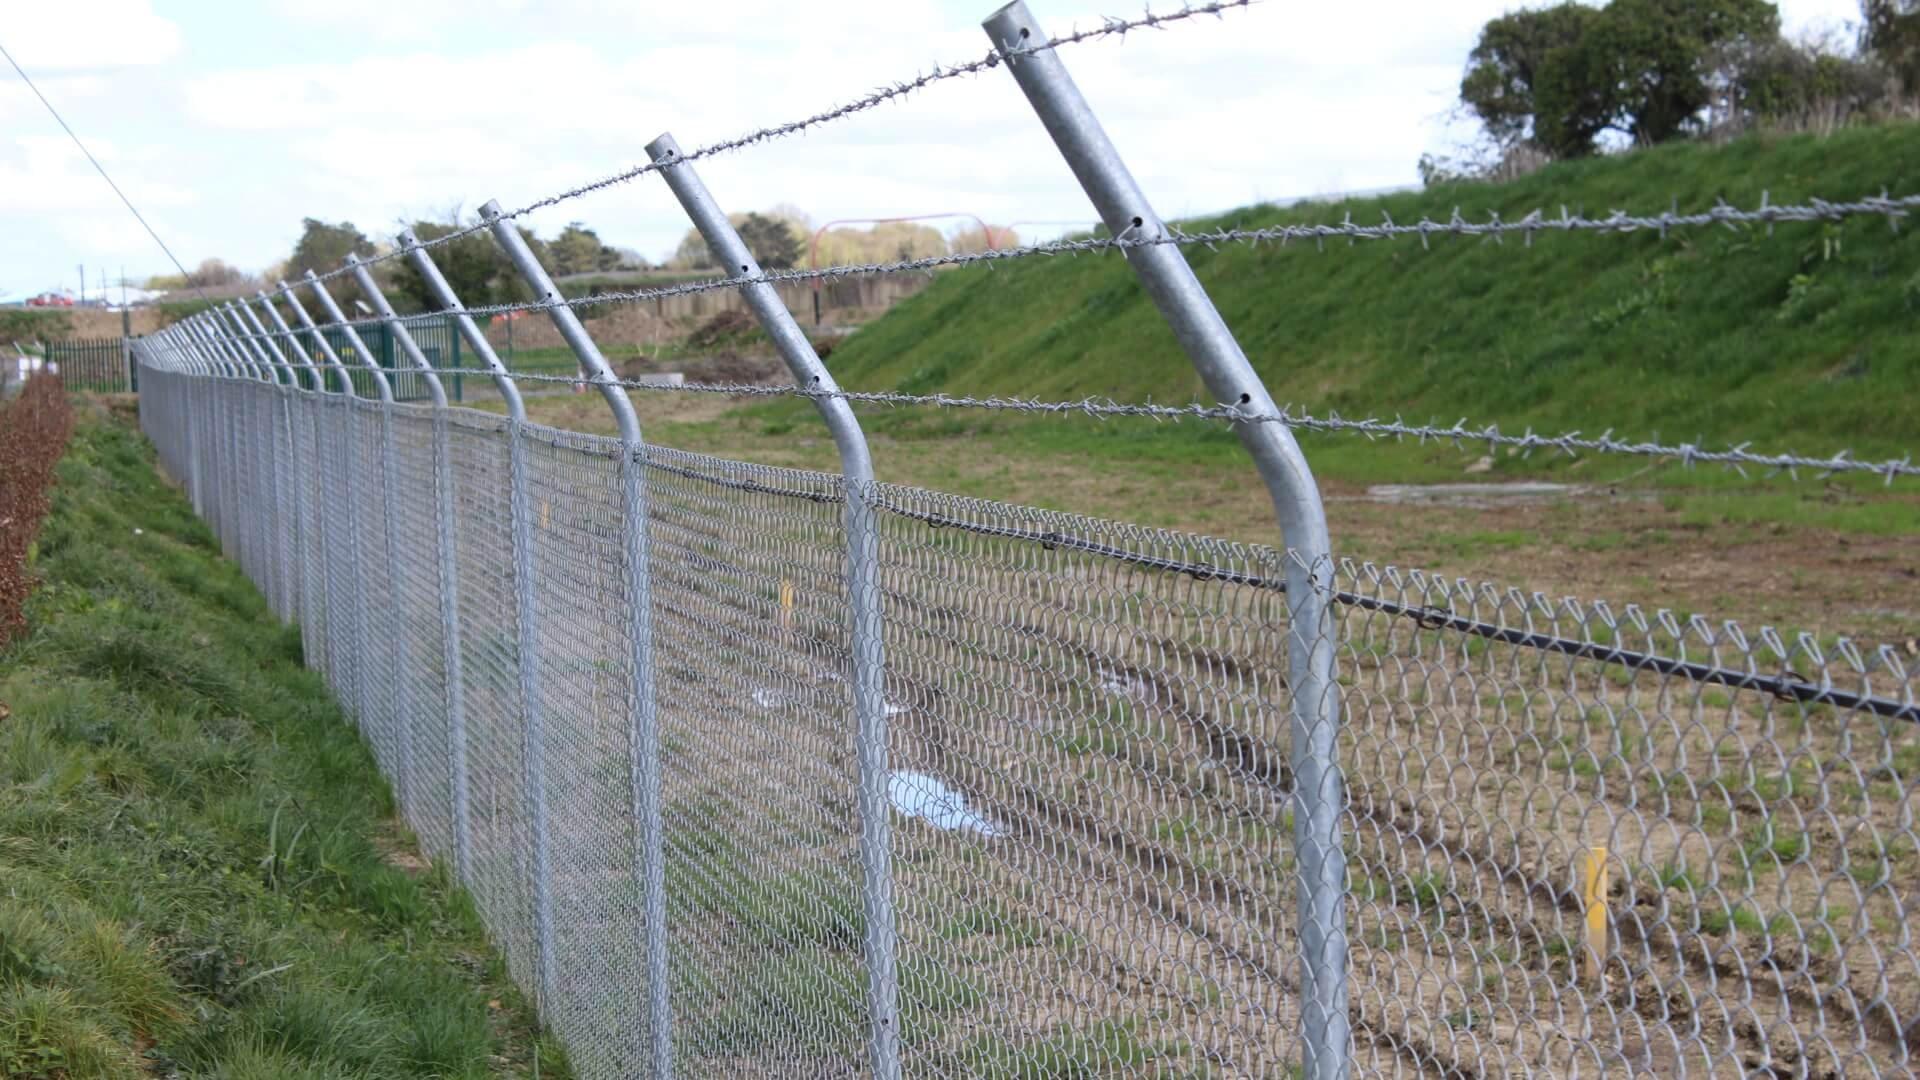 Solar Farm Security Chainlink Fence